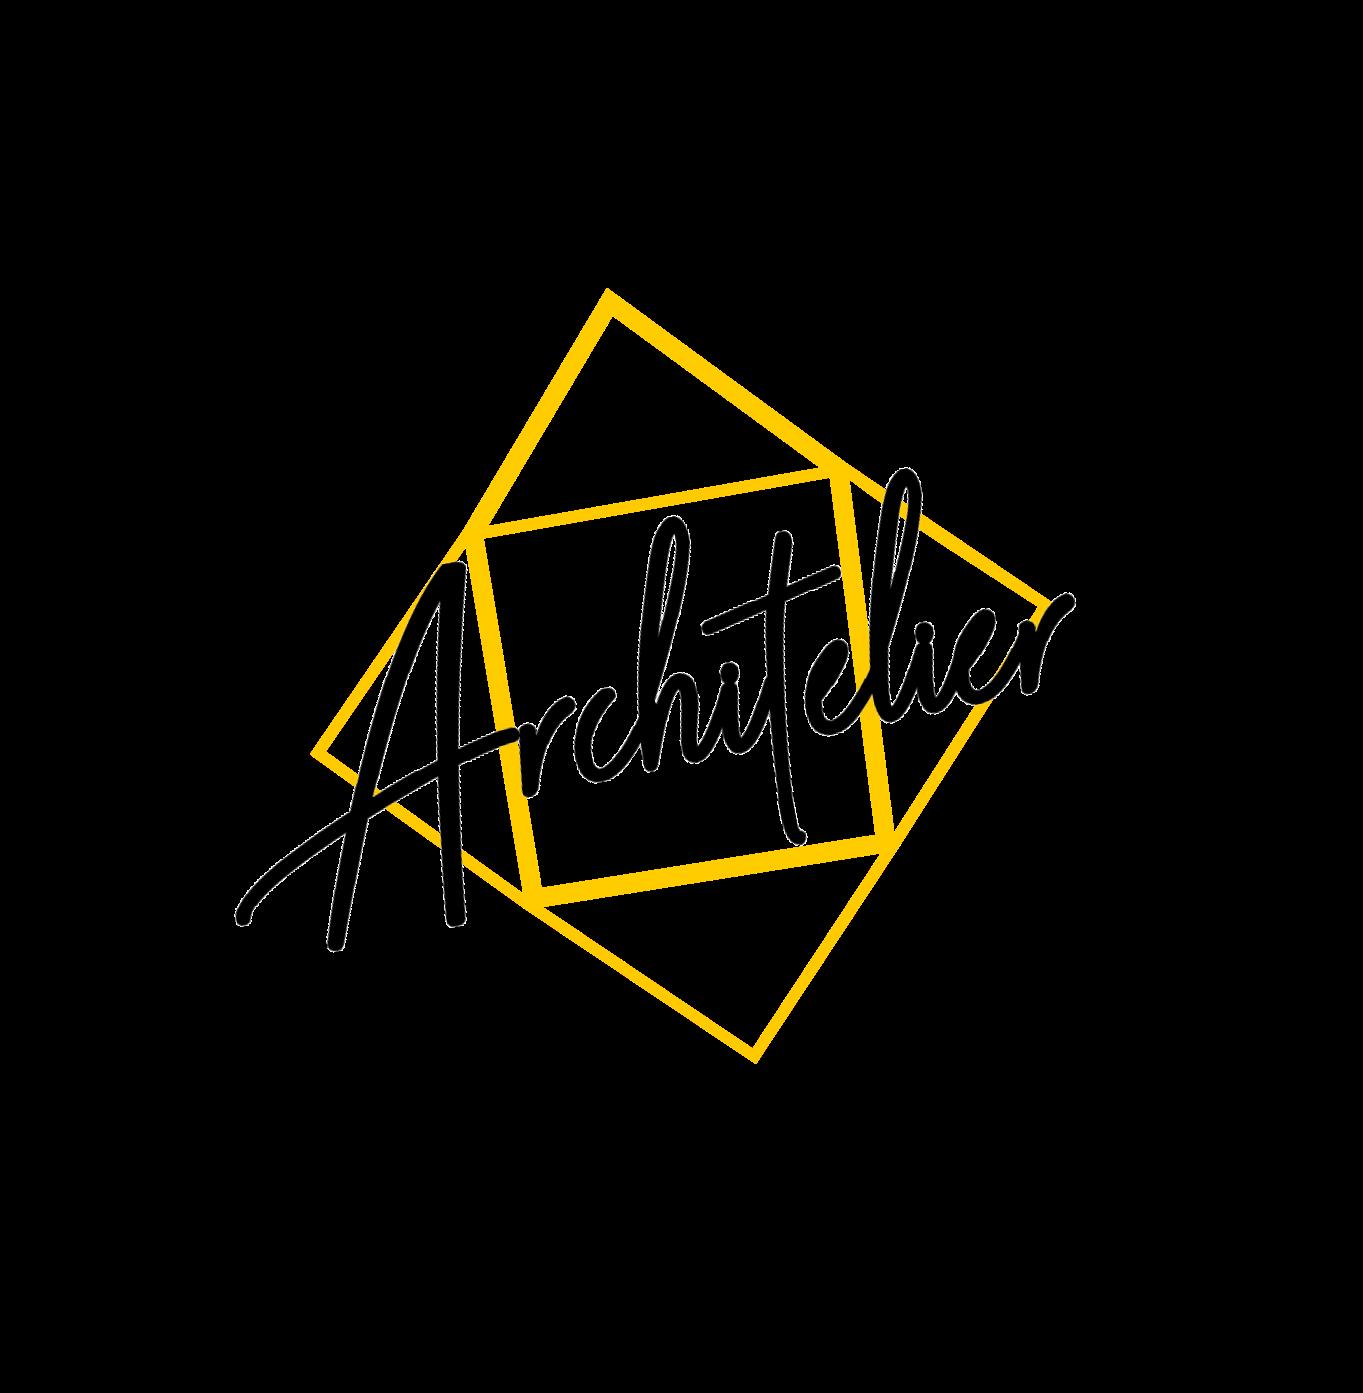 Architelier